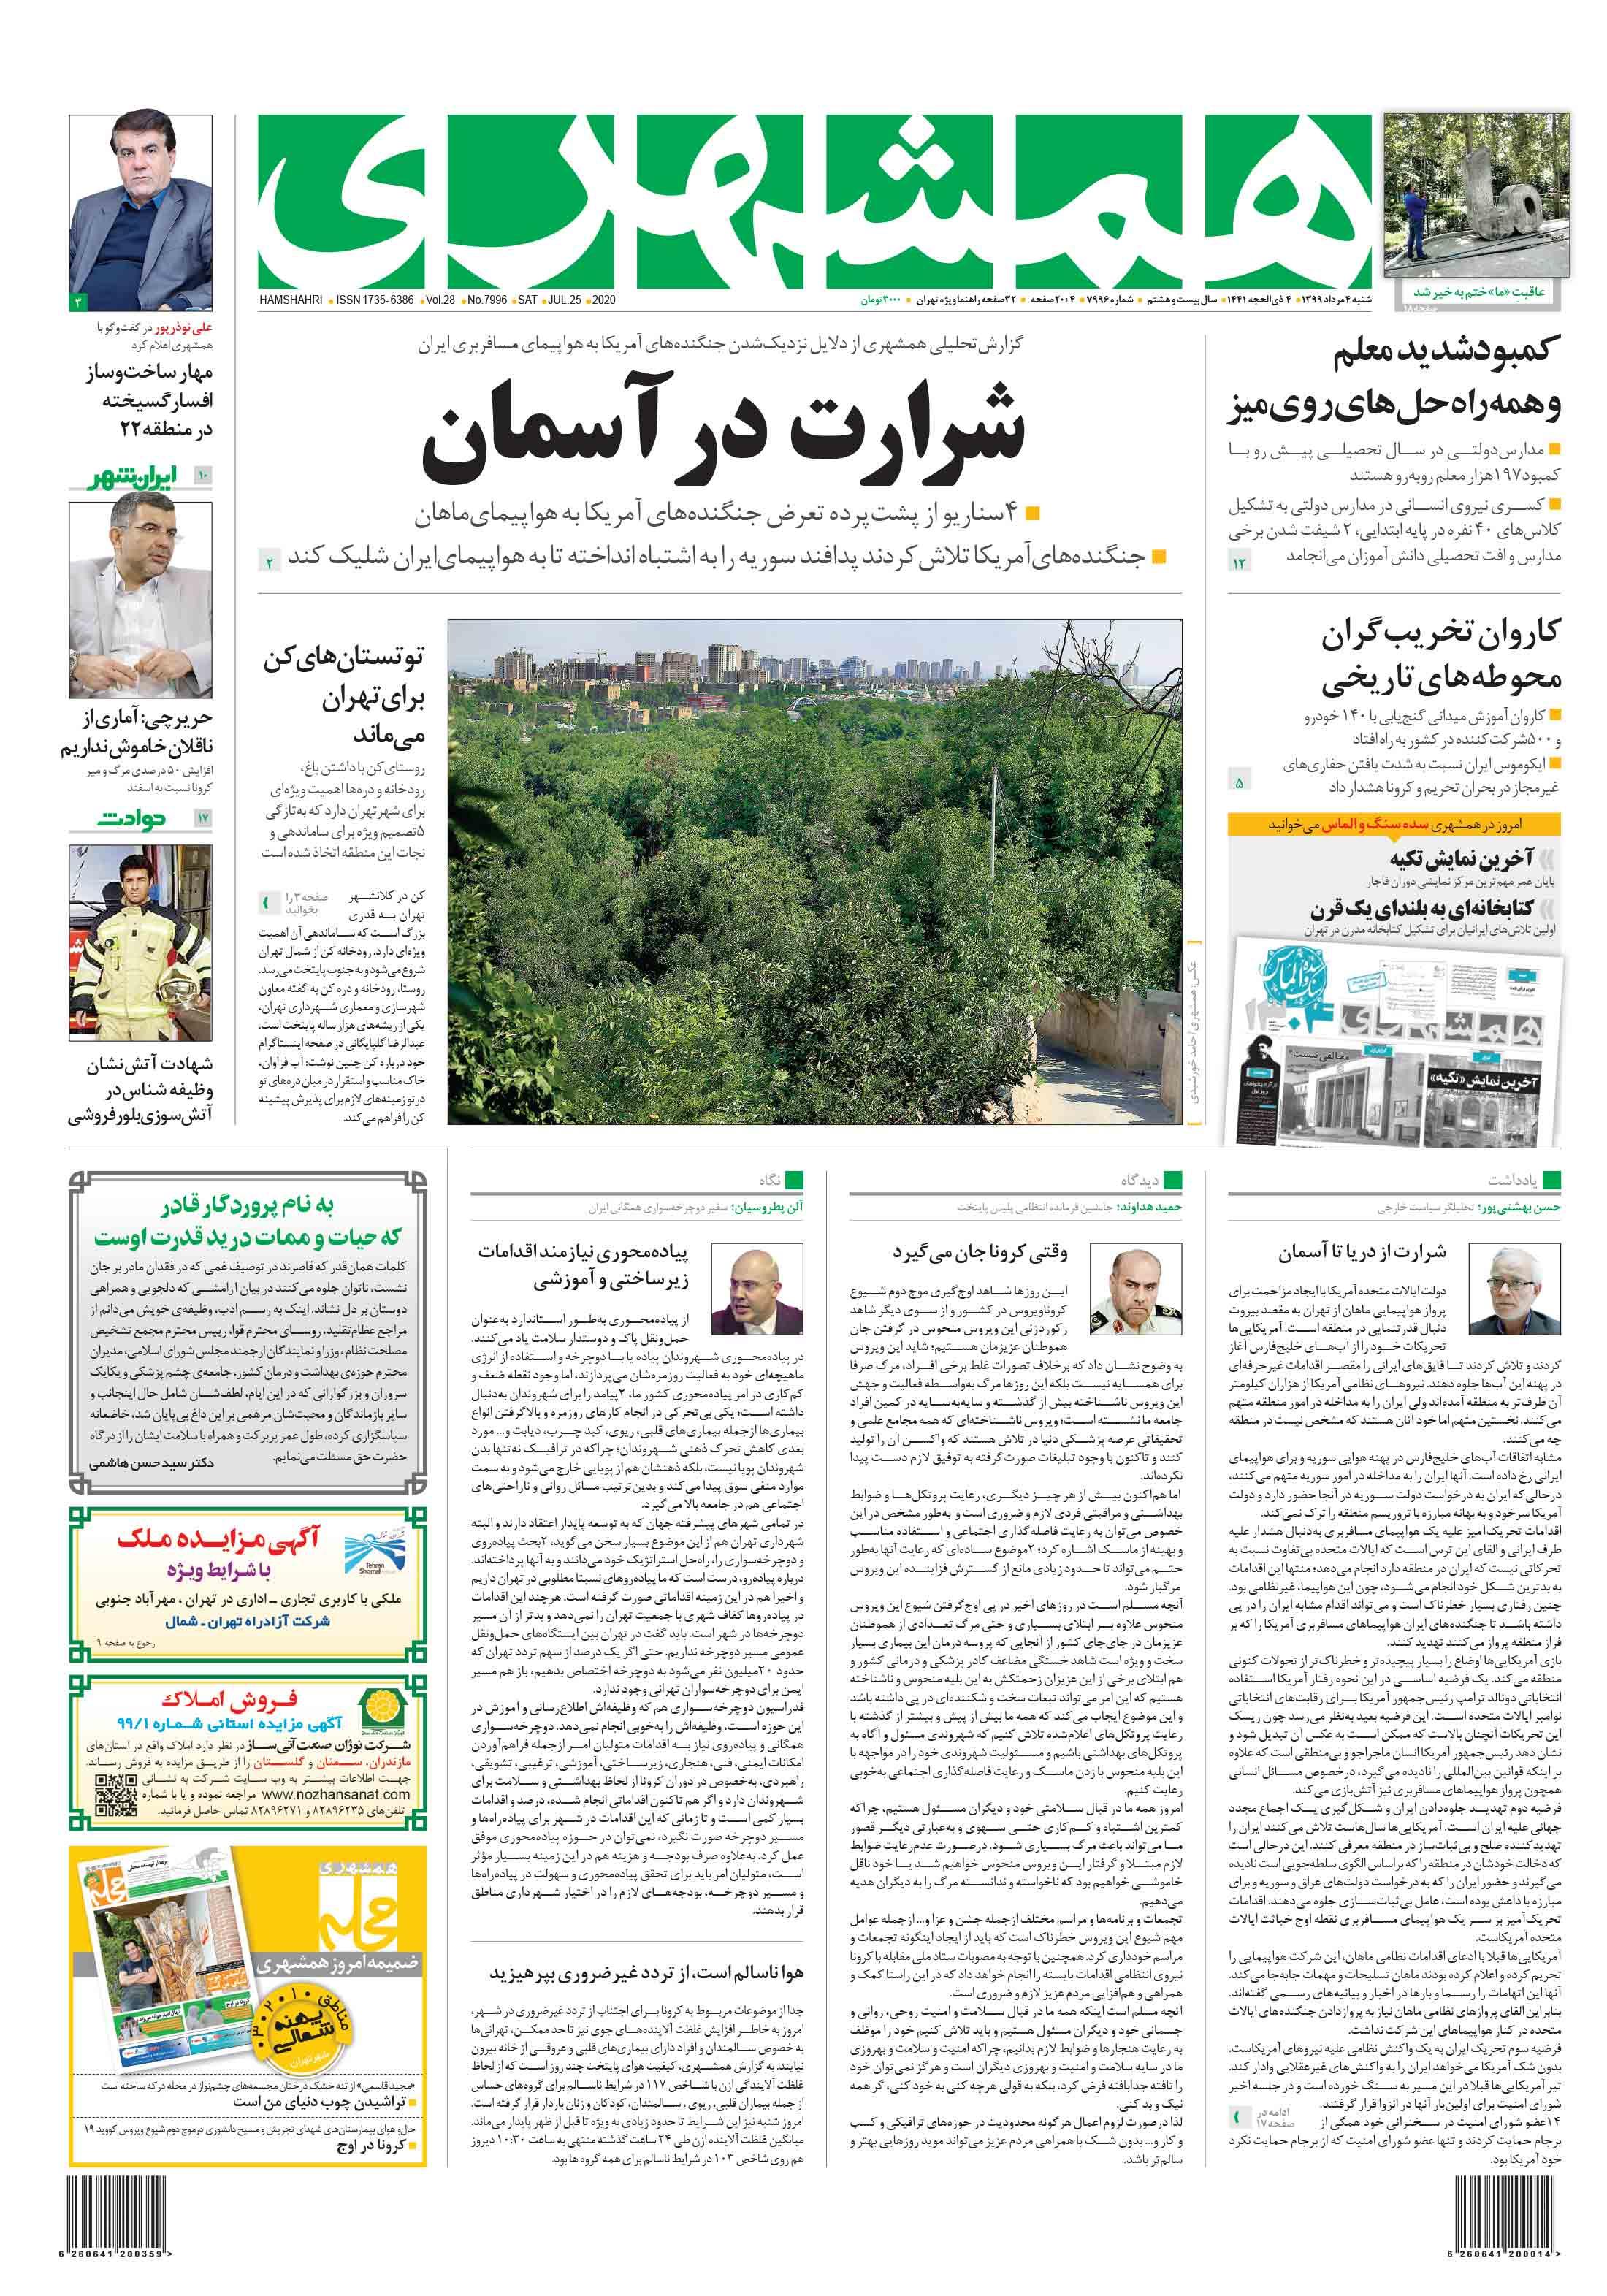 صفحه اول شنبه 4 مرداد 1399